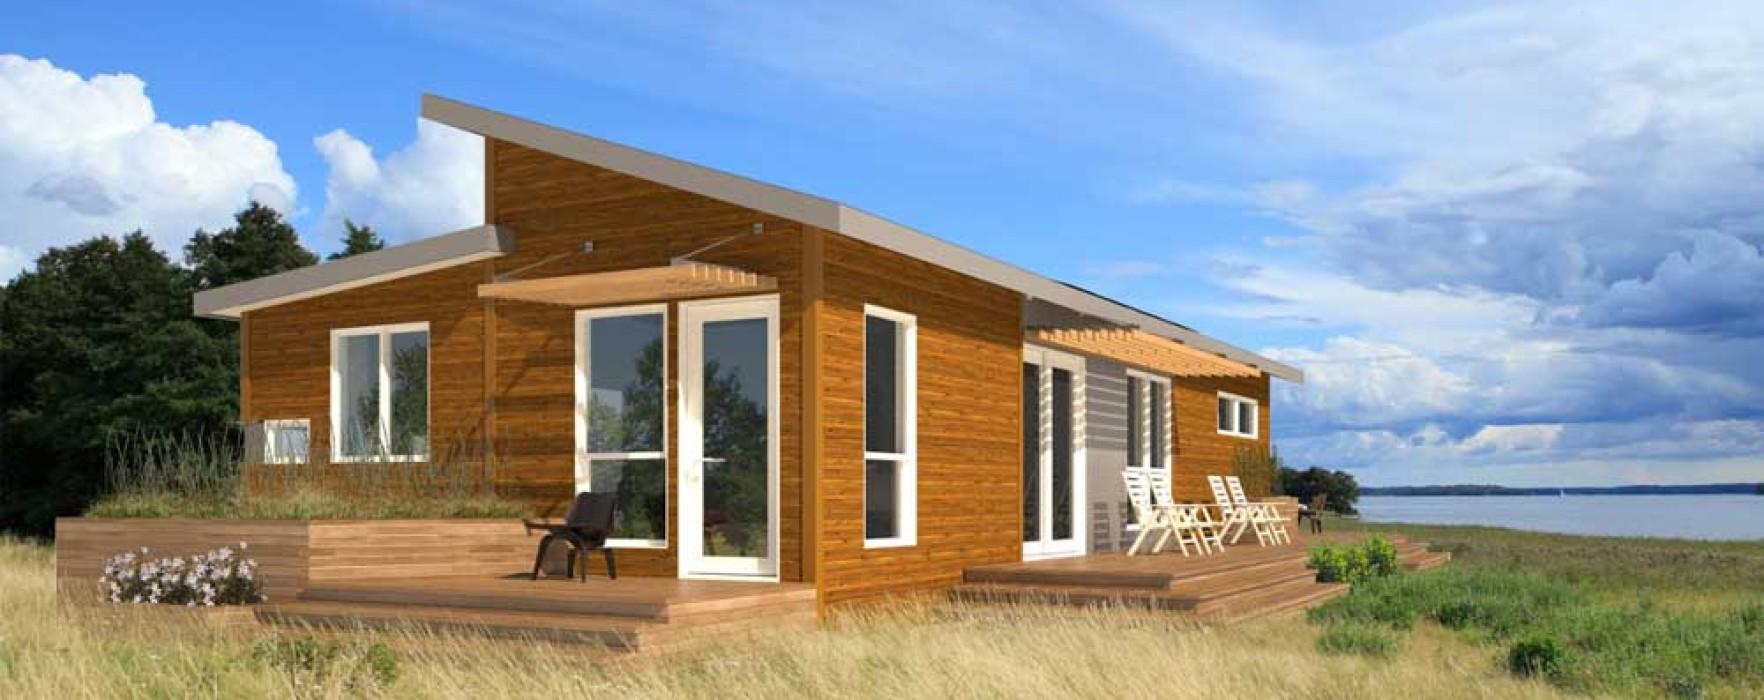 le case prefabbricate eco ecologiche economiche